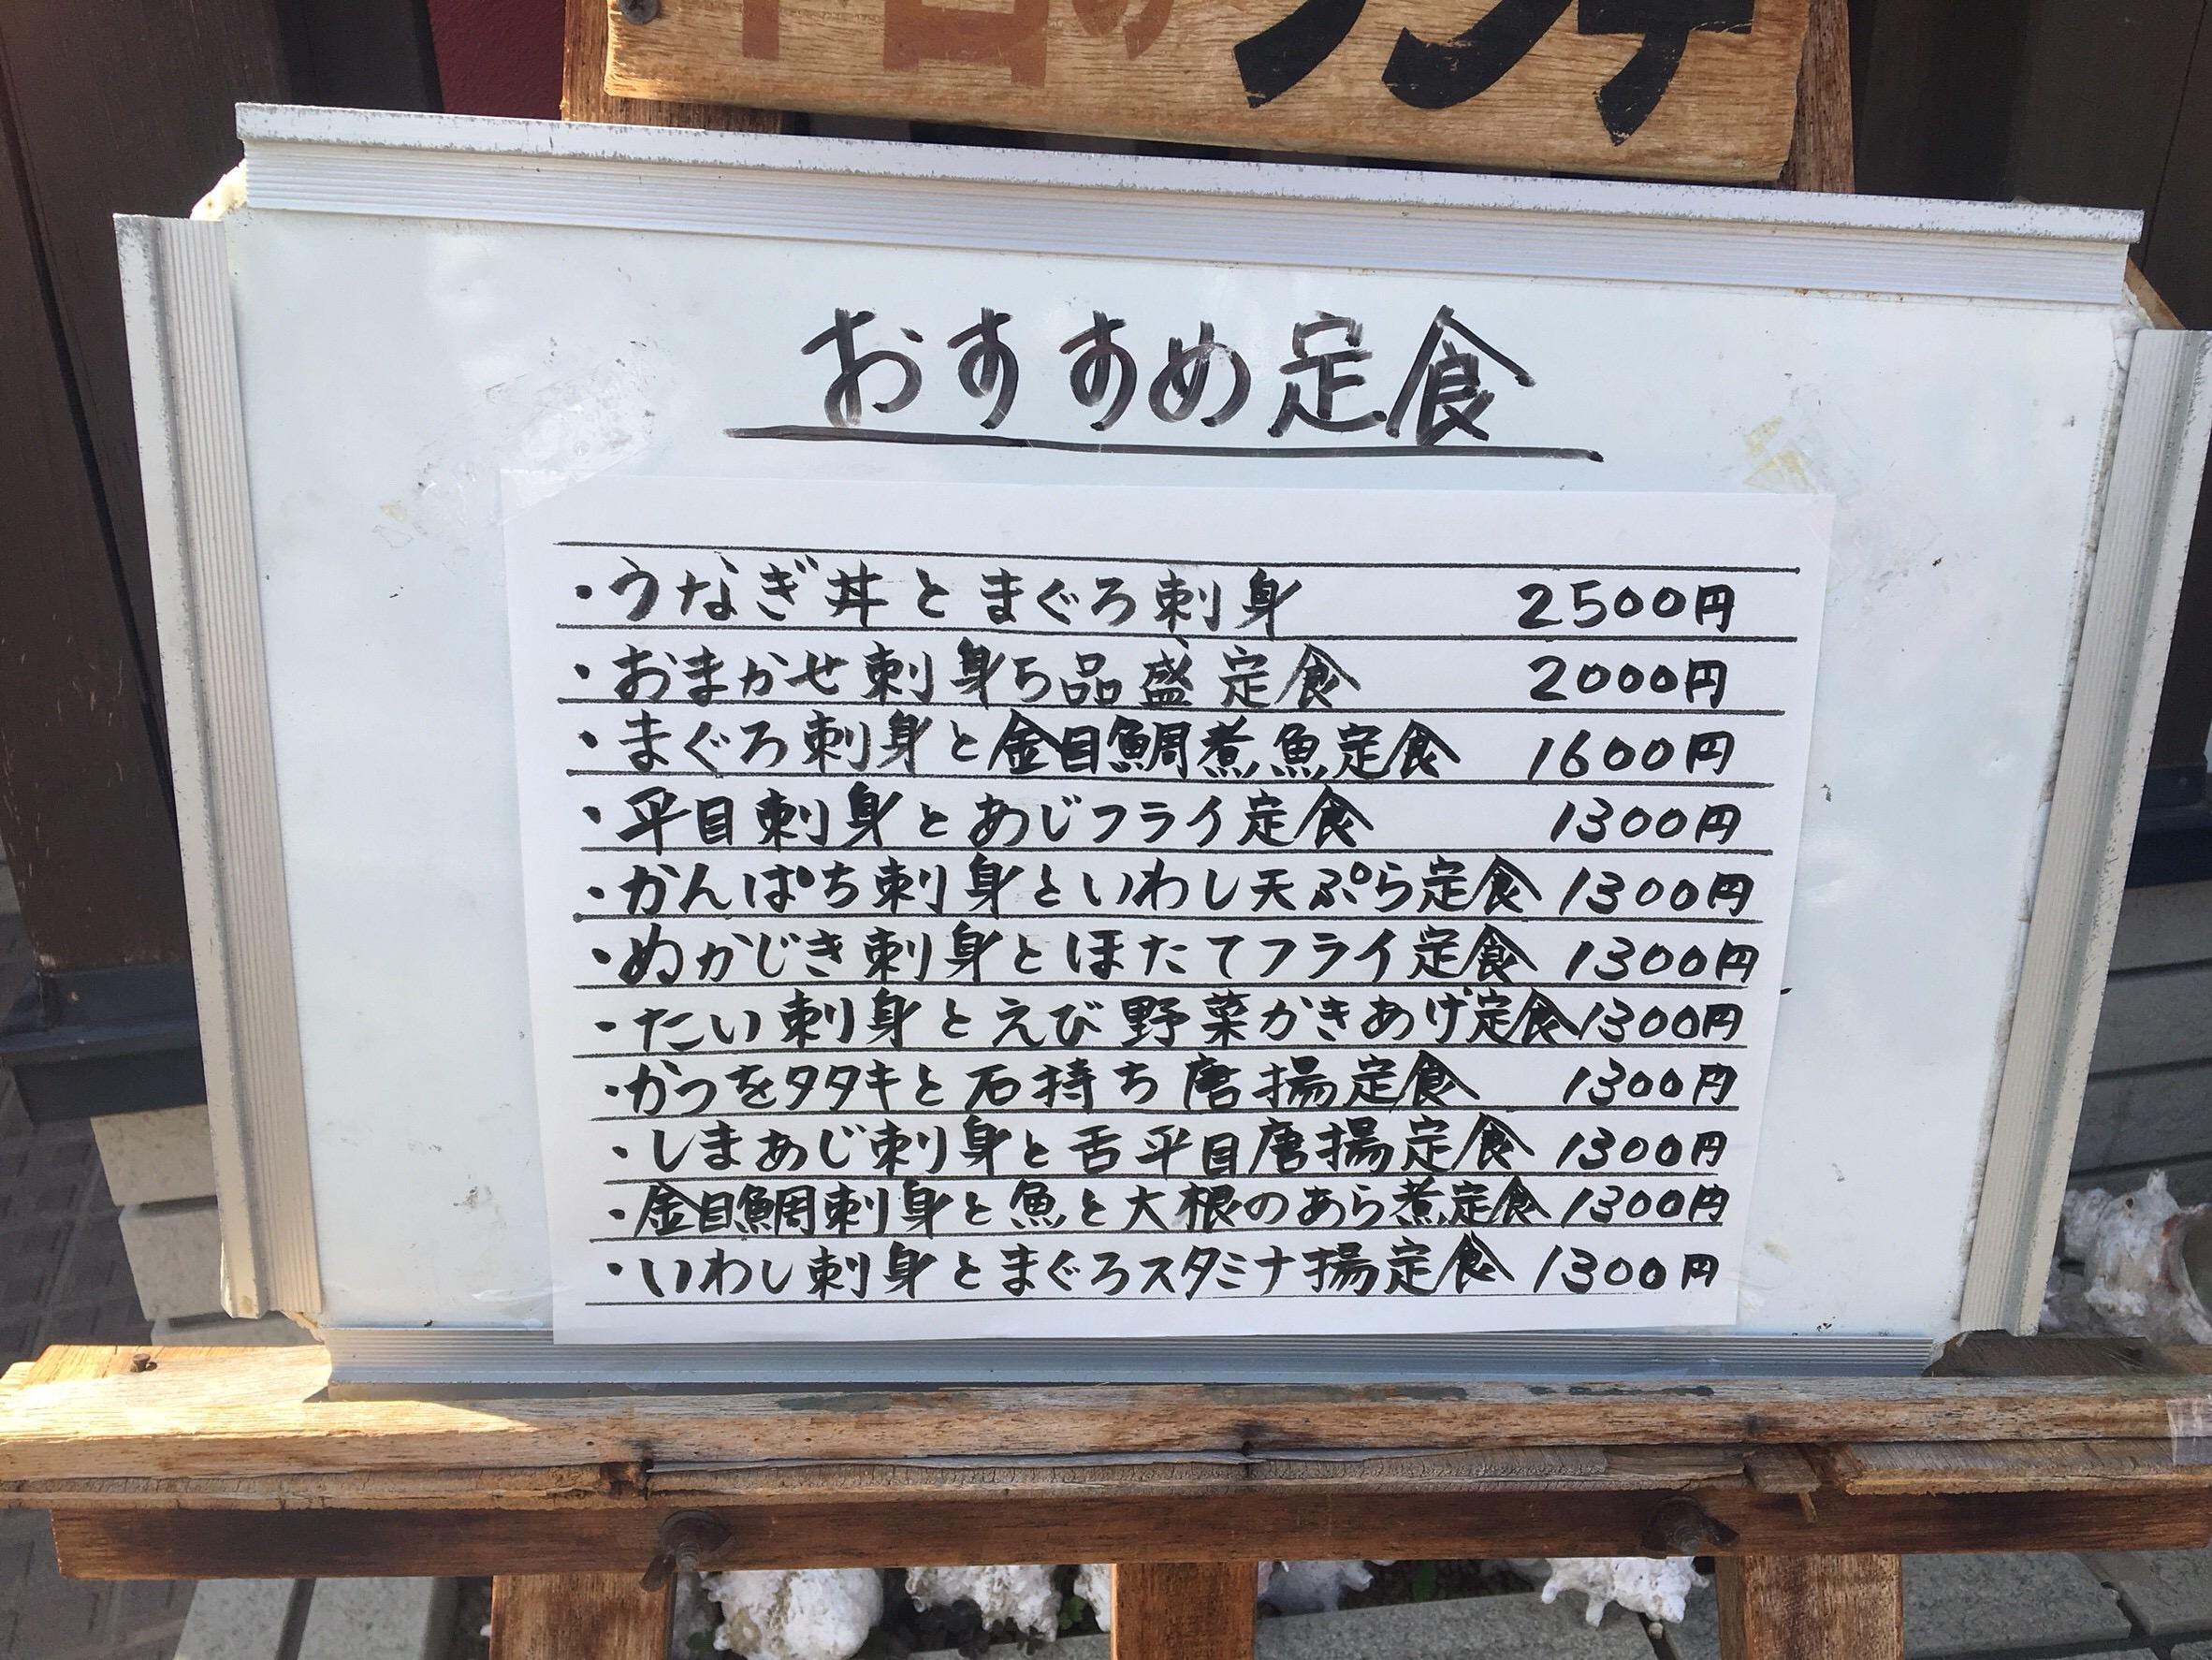 銚子鈴女のおすすめメニューの画像